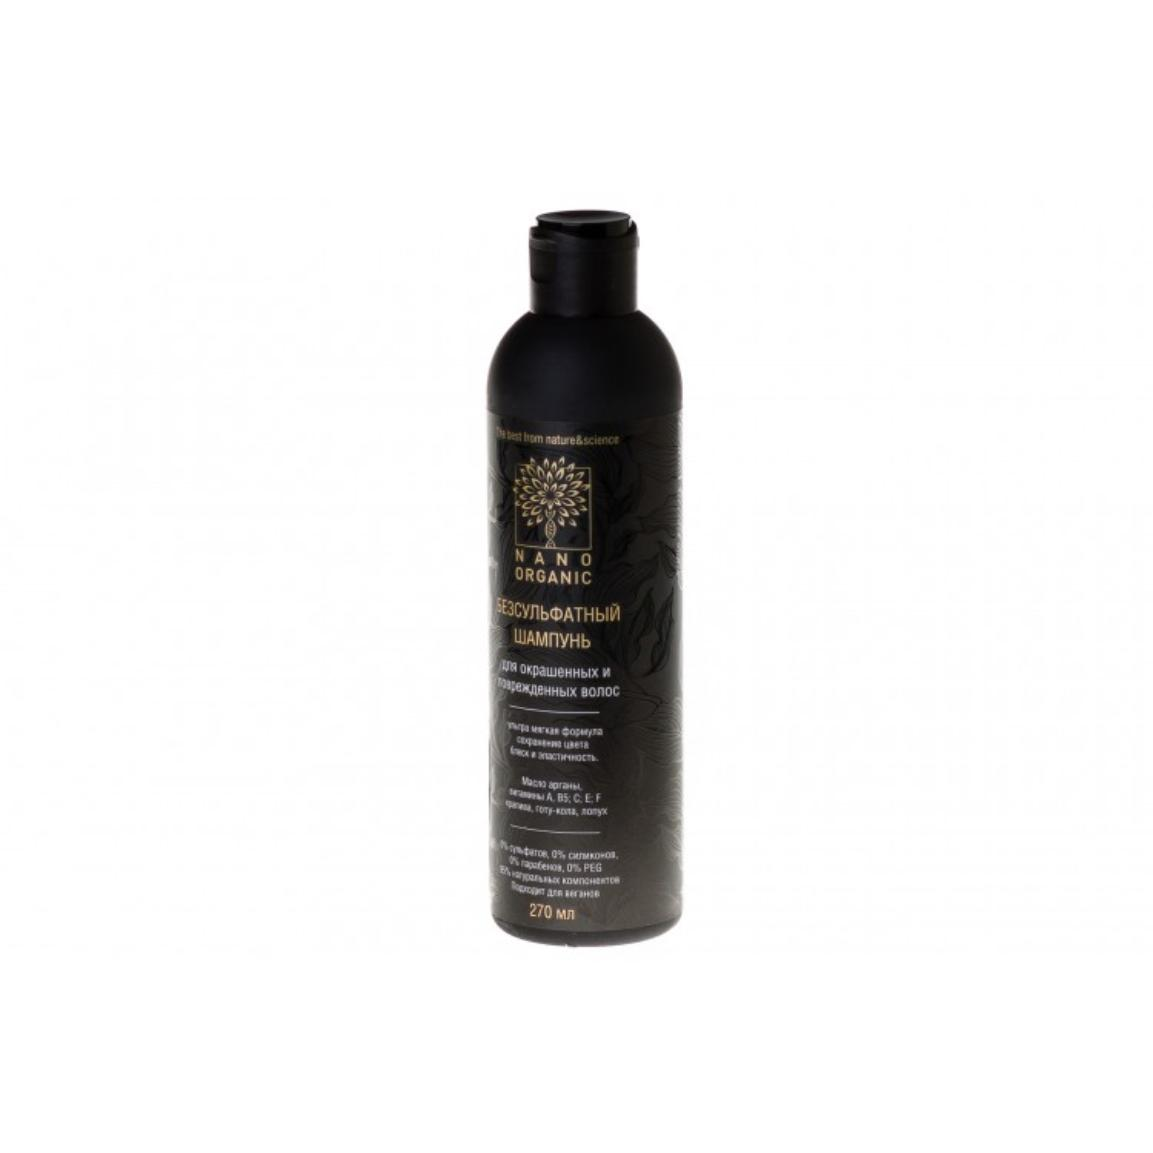 Шампунь для окрашенных волос, 270 мл, Nano Organic фото